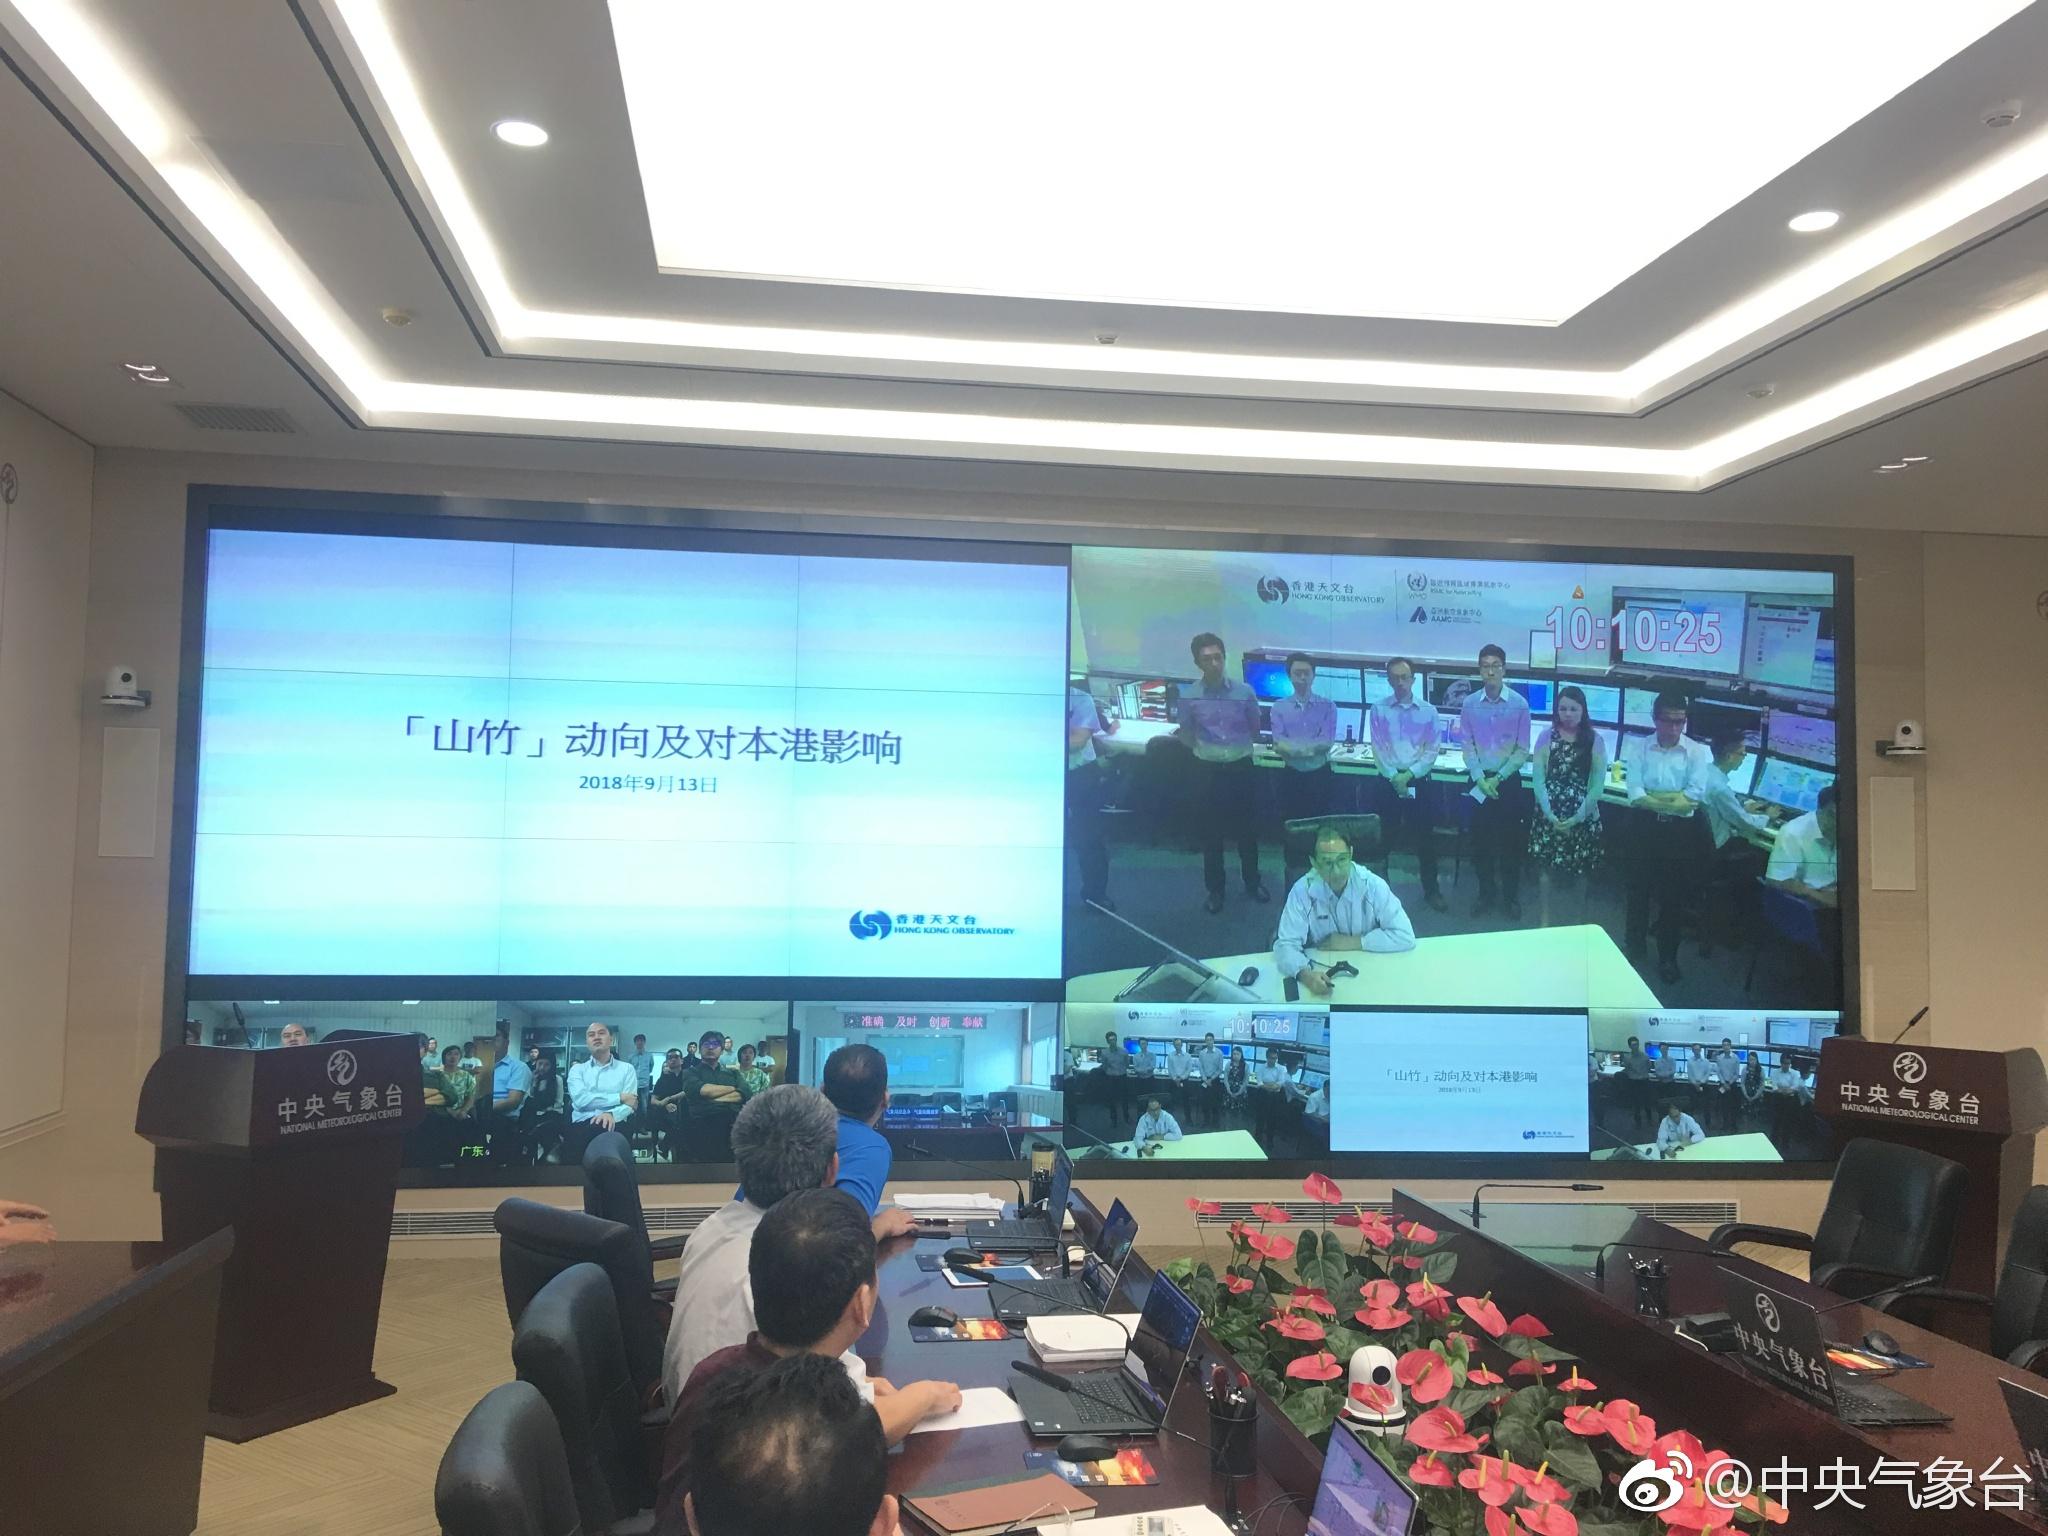 内地與澳門及香港舉行視像會議。中央氣象台圖片